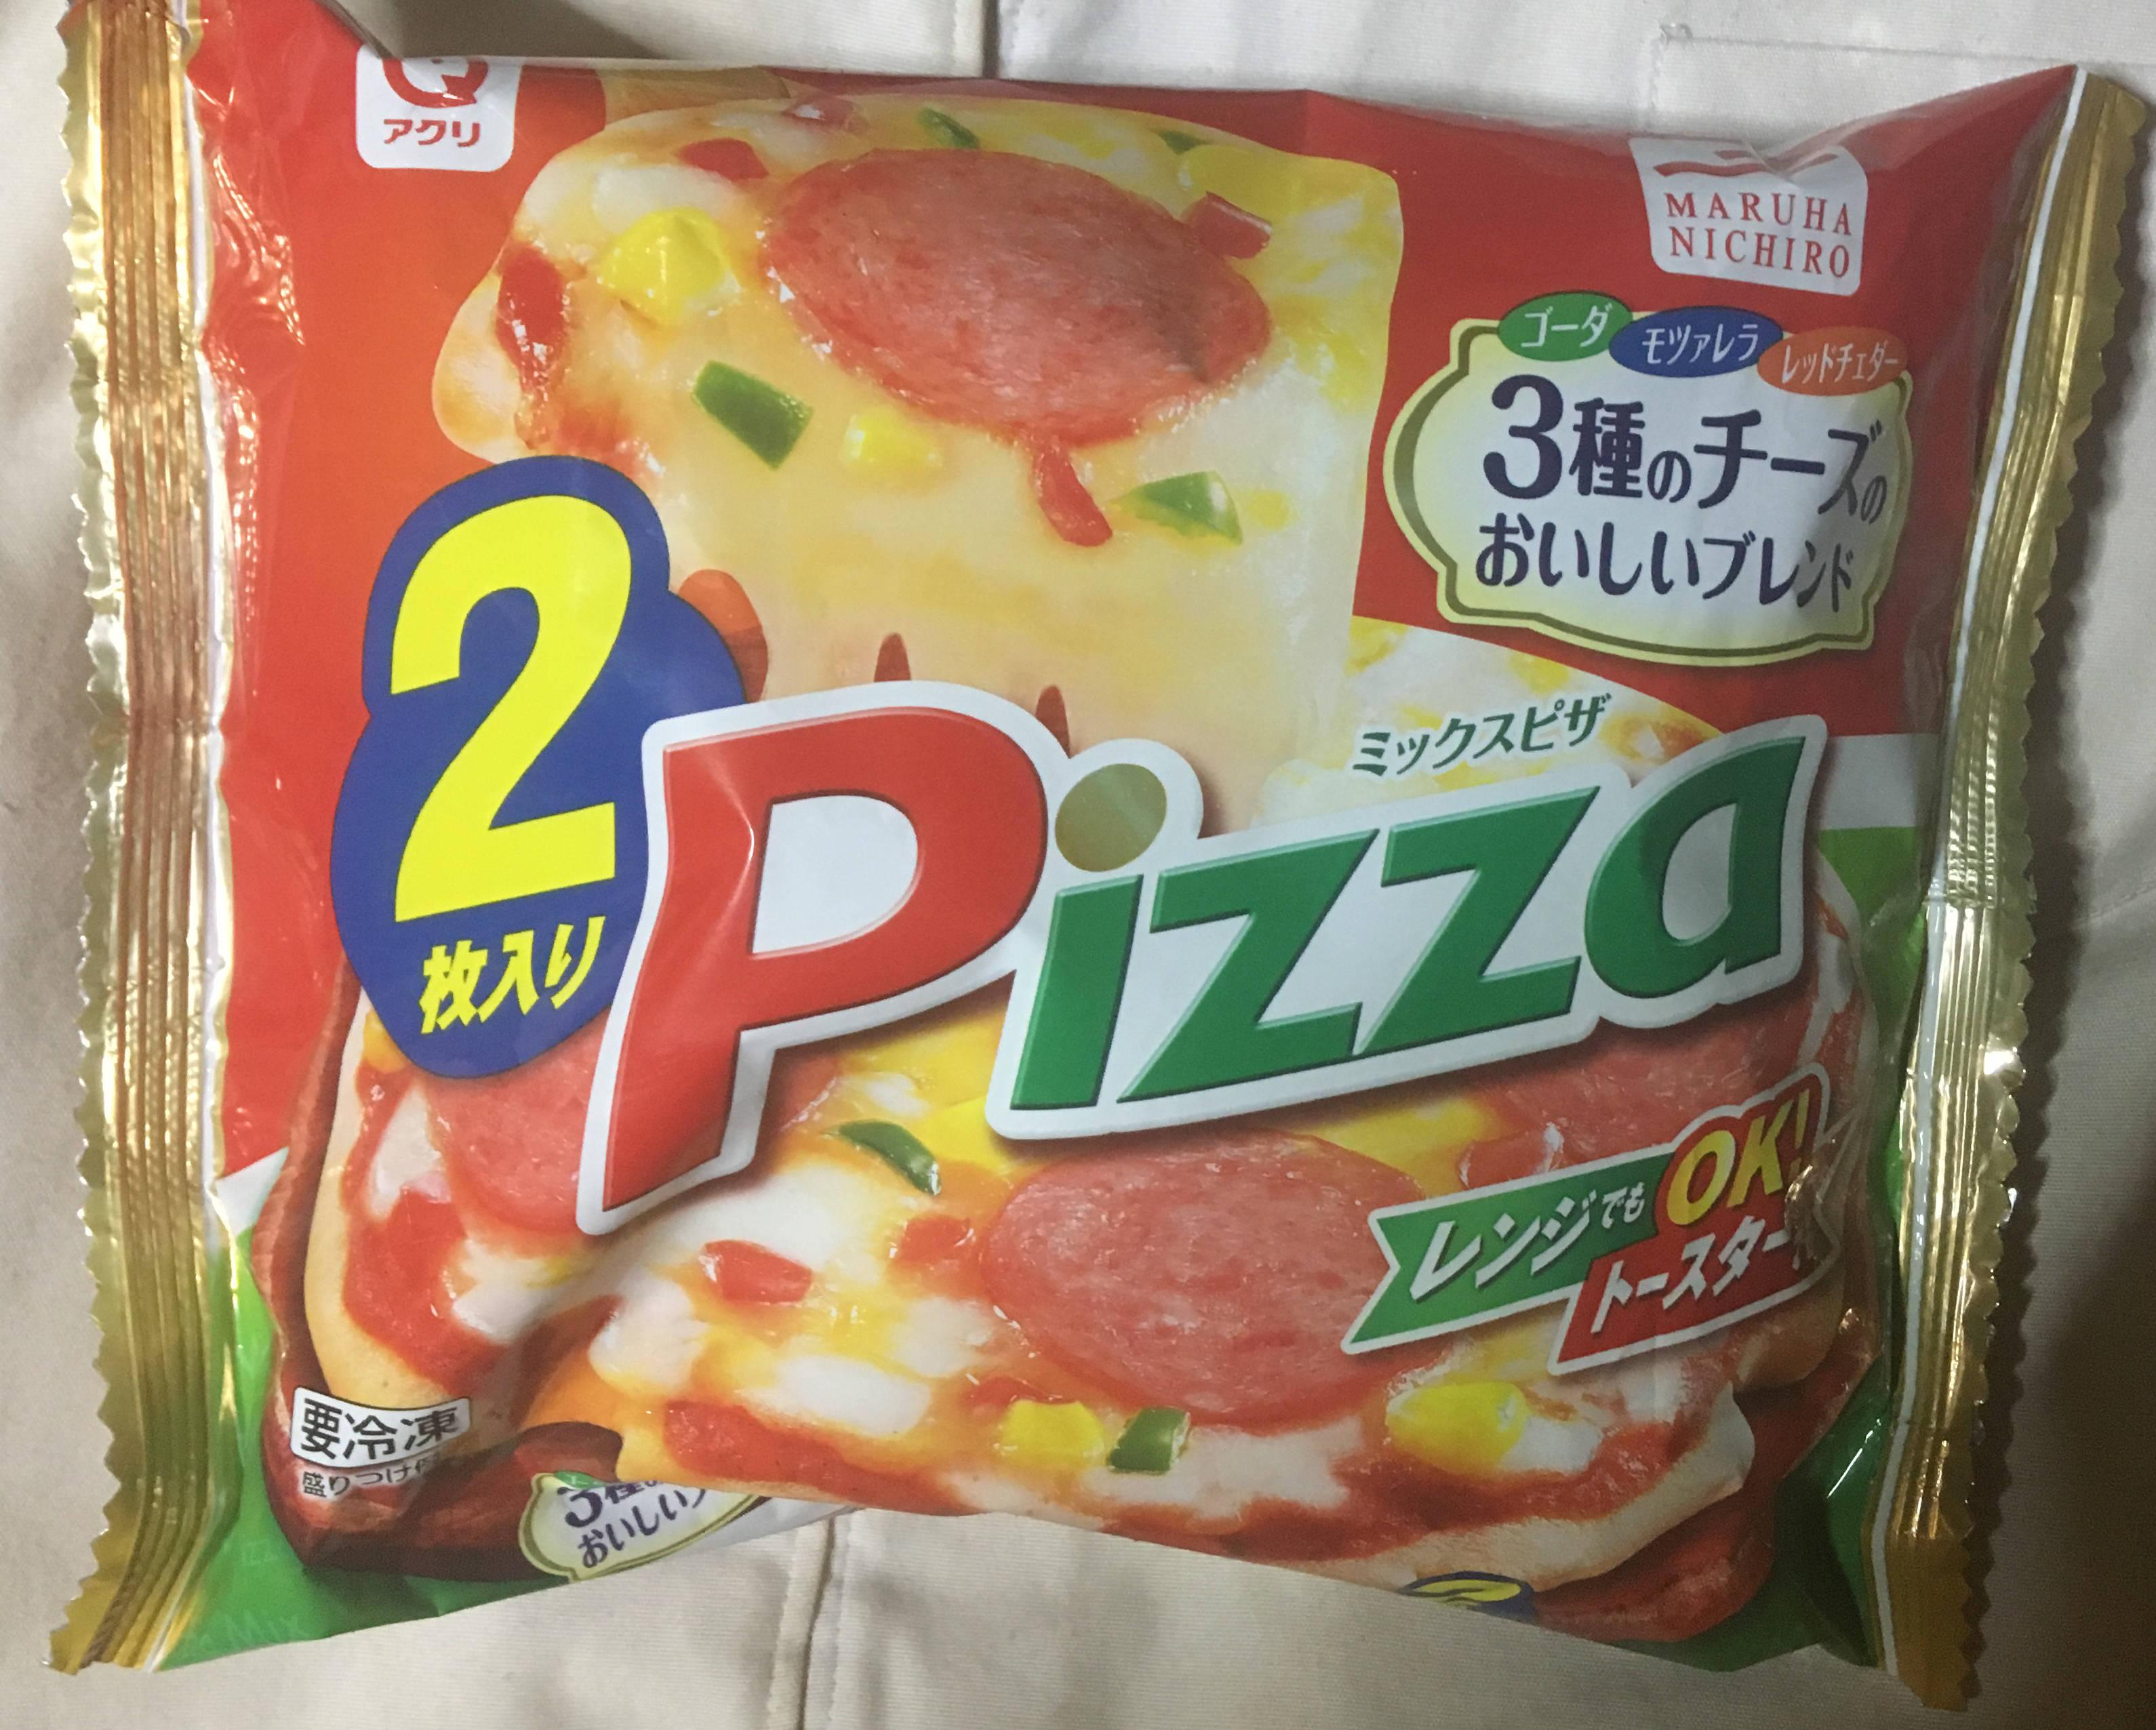 3種のチーズおいしいブレンド2枚入りピザ